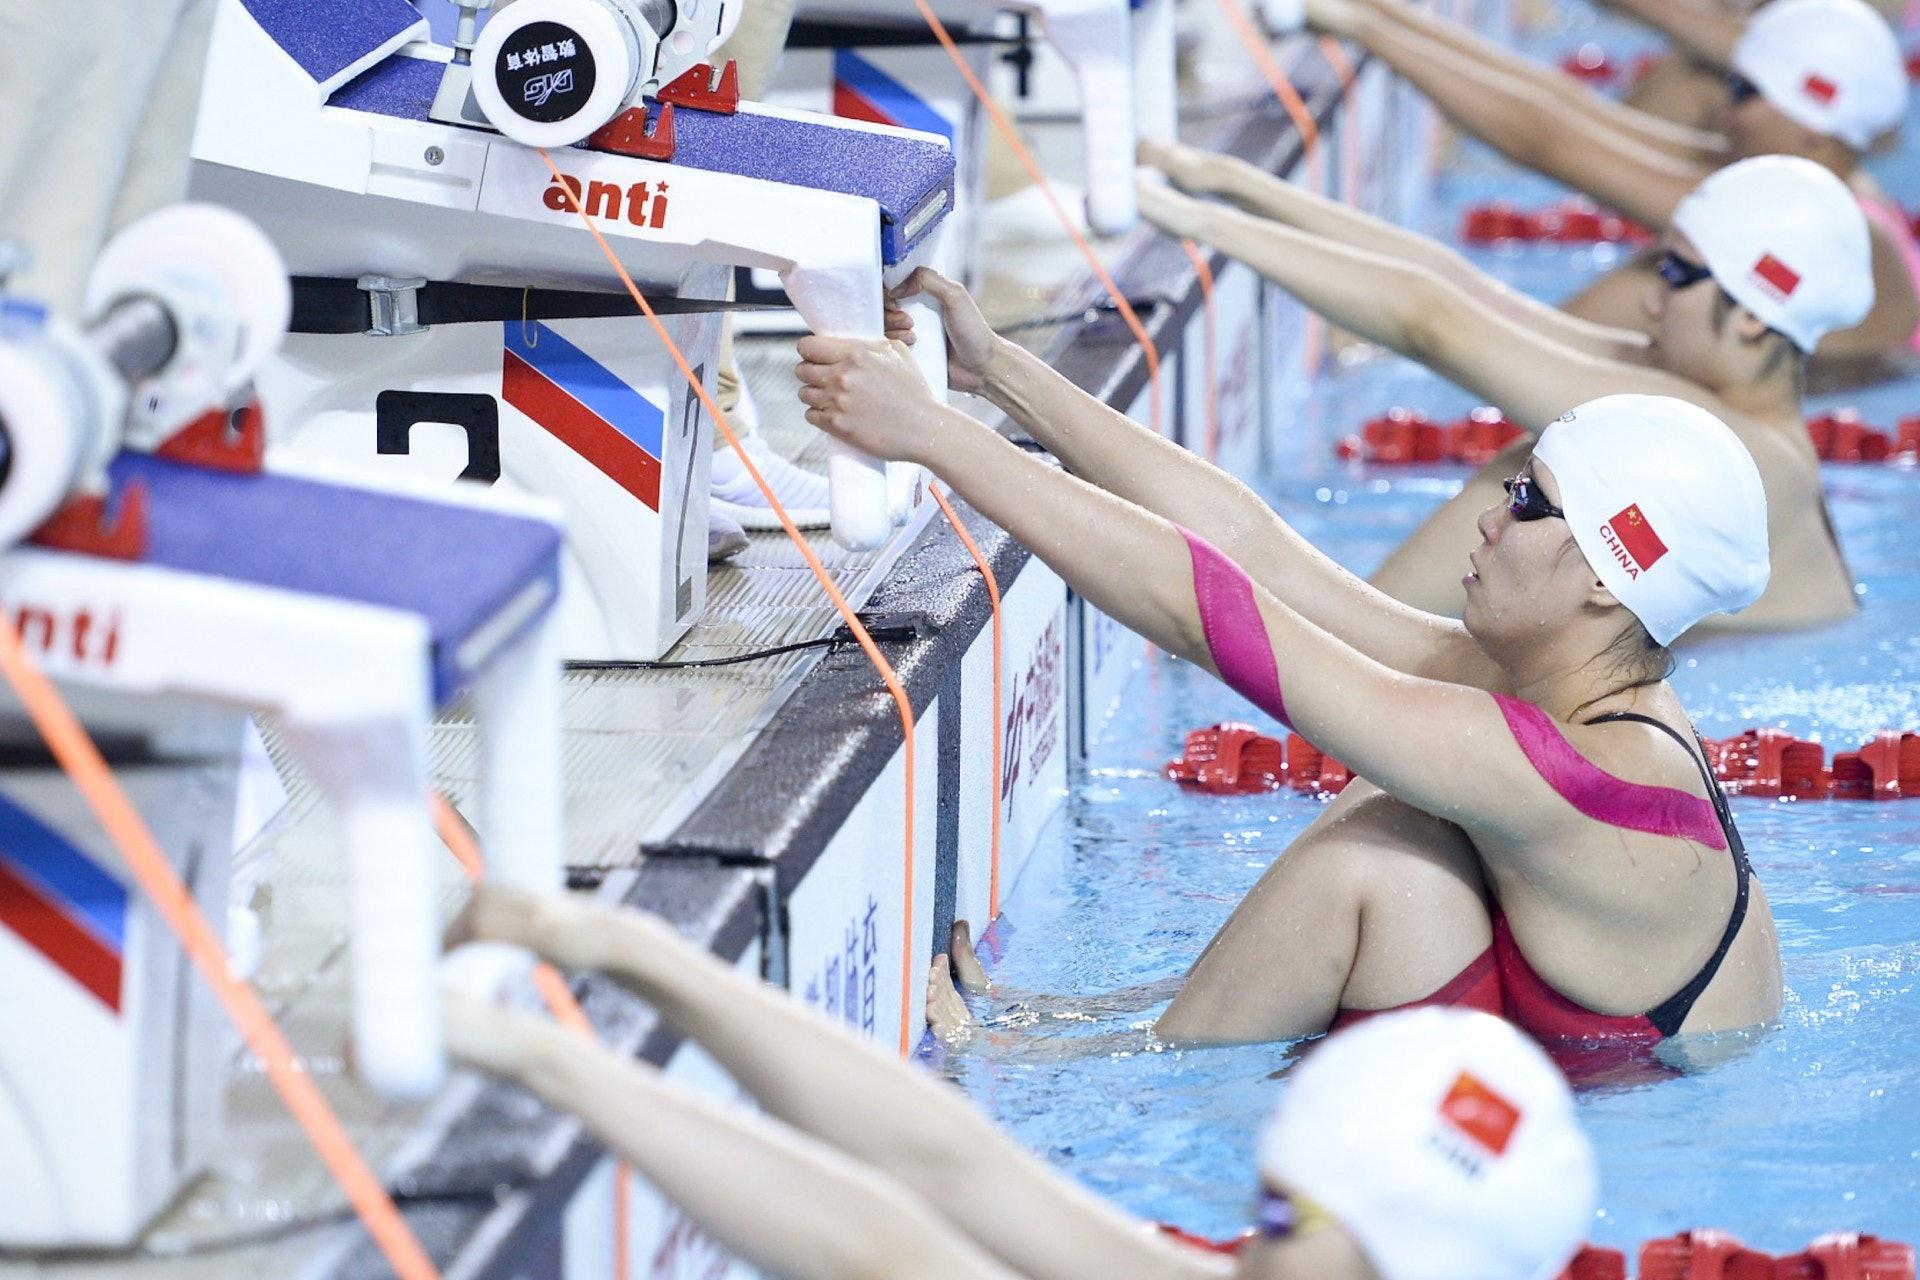 中國游泳運動員貼上運動膠布。(資料圖片)